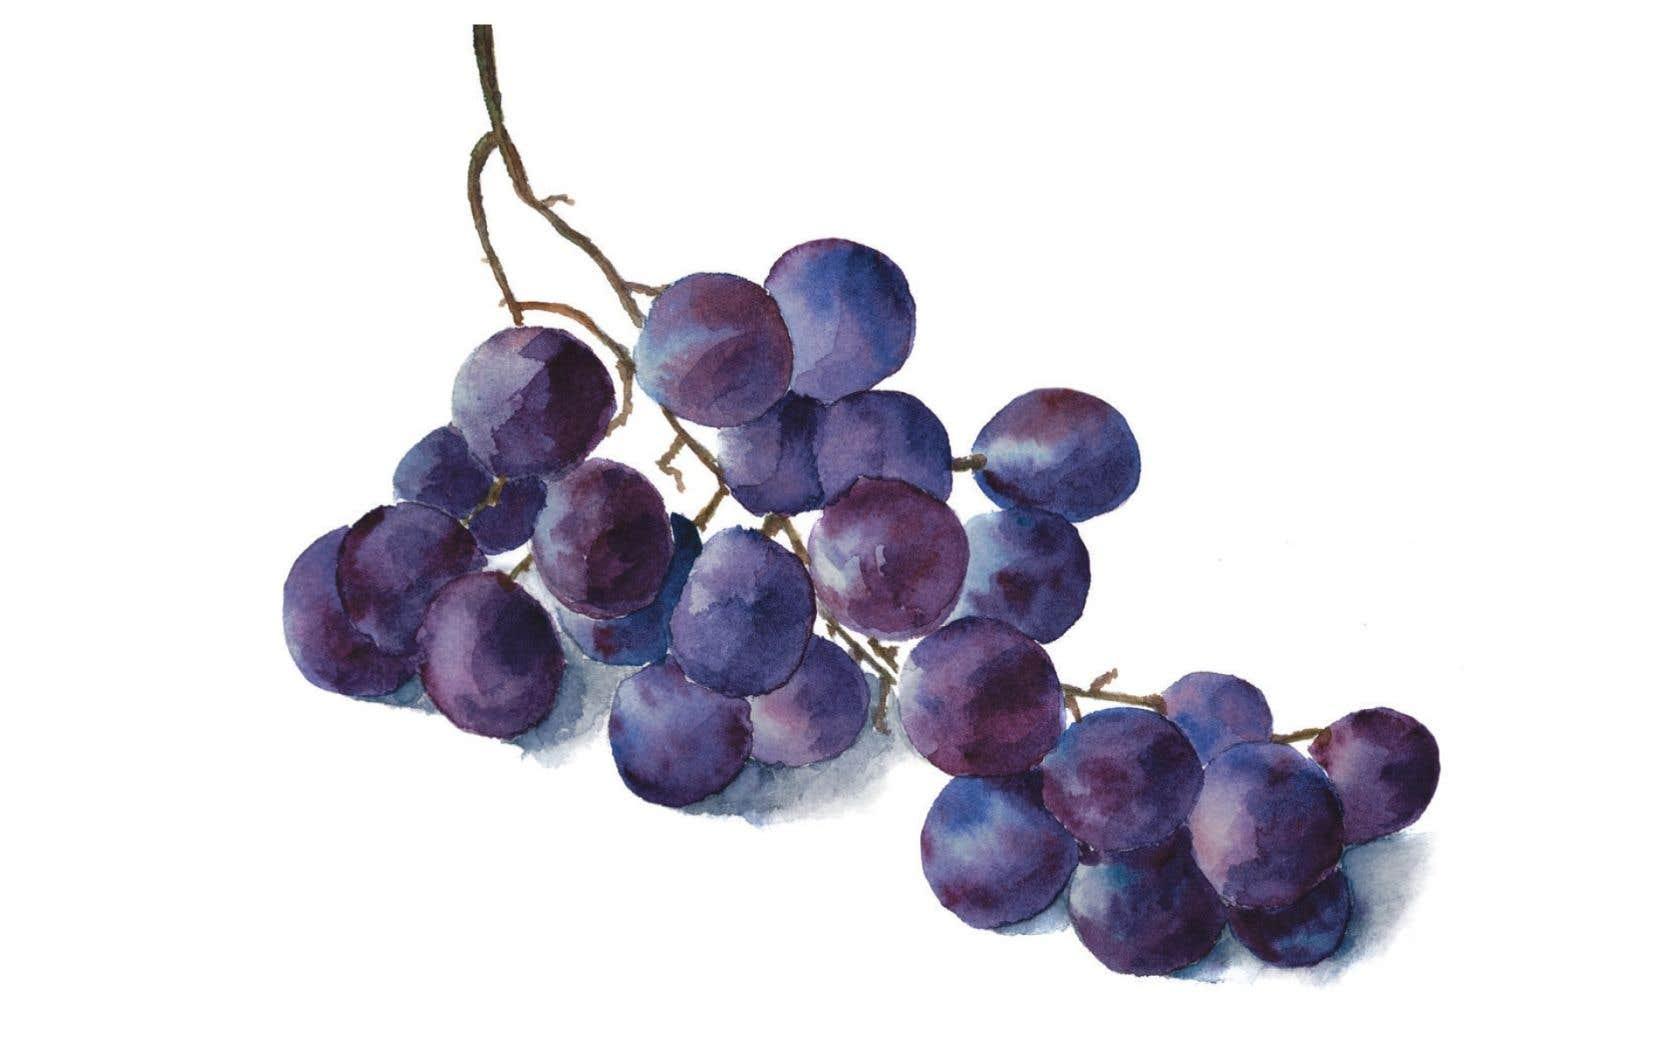 Juteux et savoureux, le raisin Concord est un plaisir éphémère.